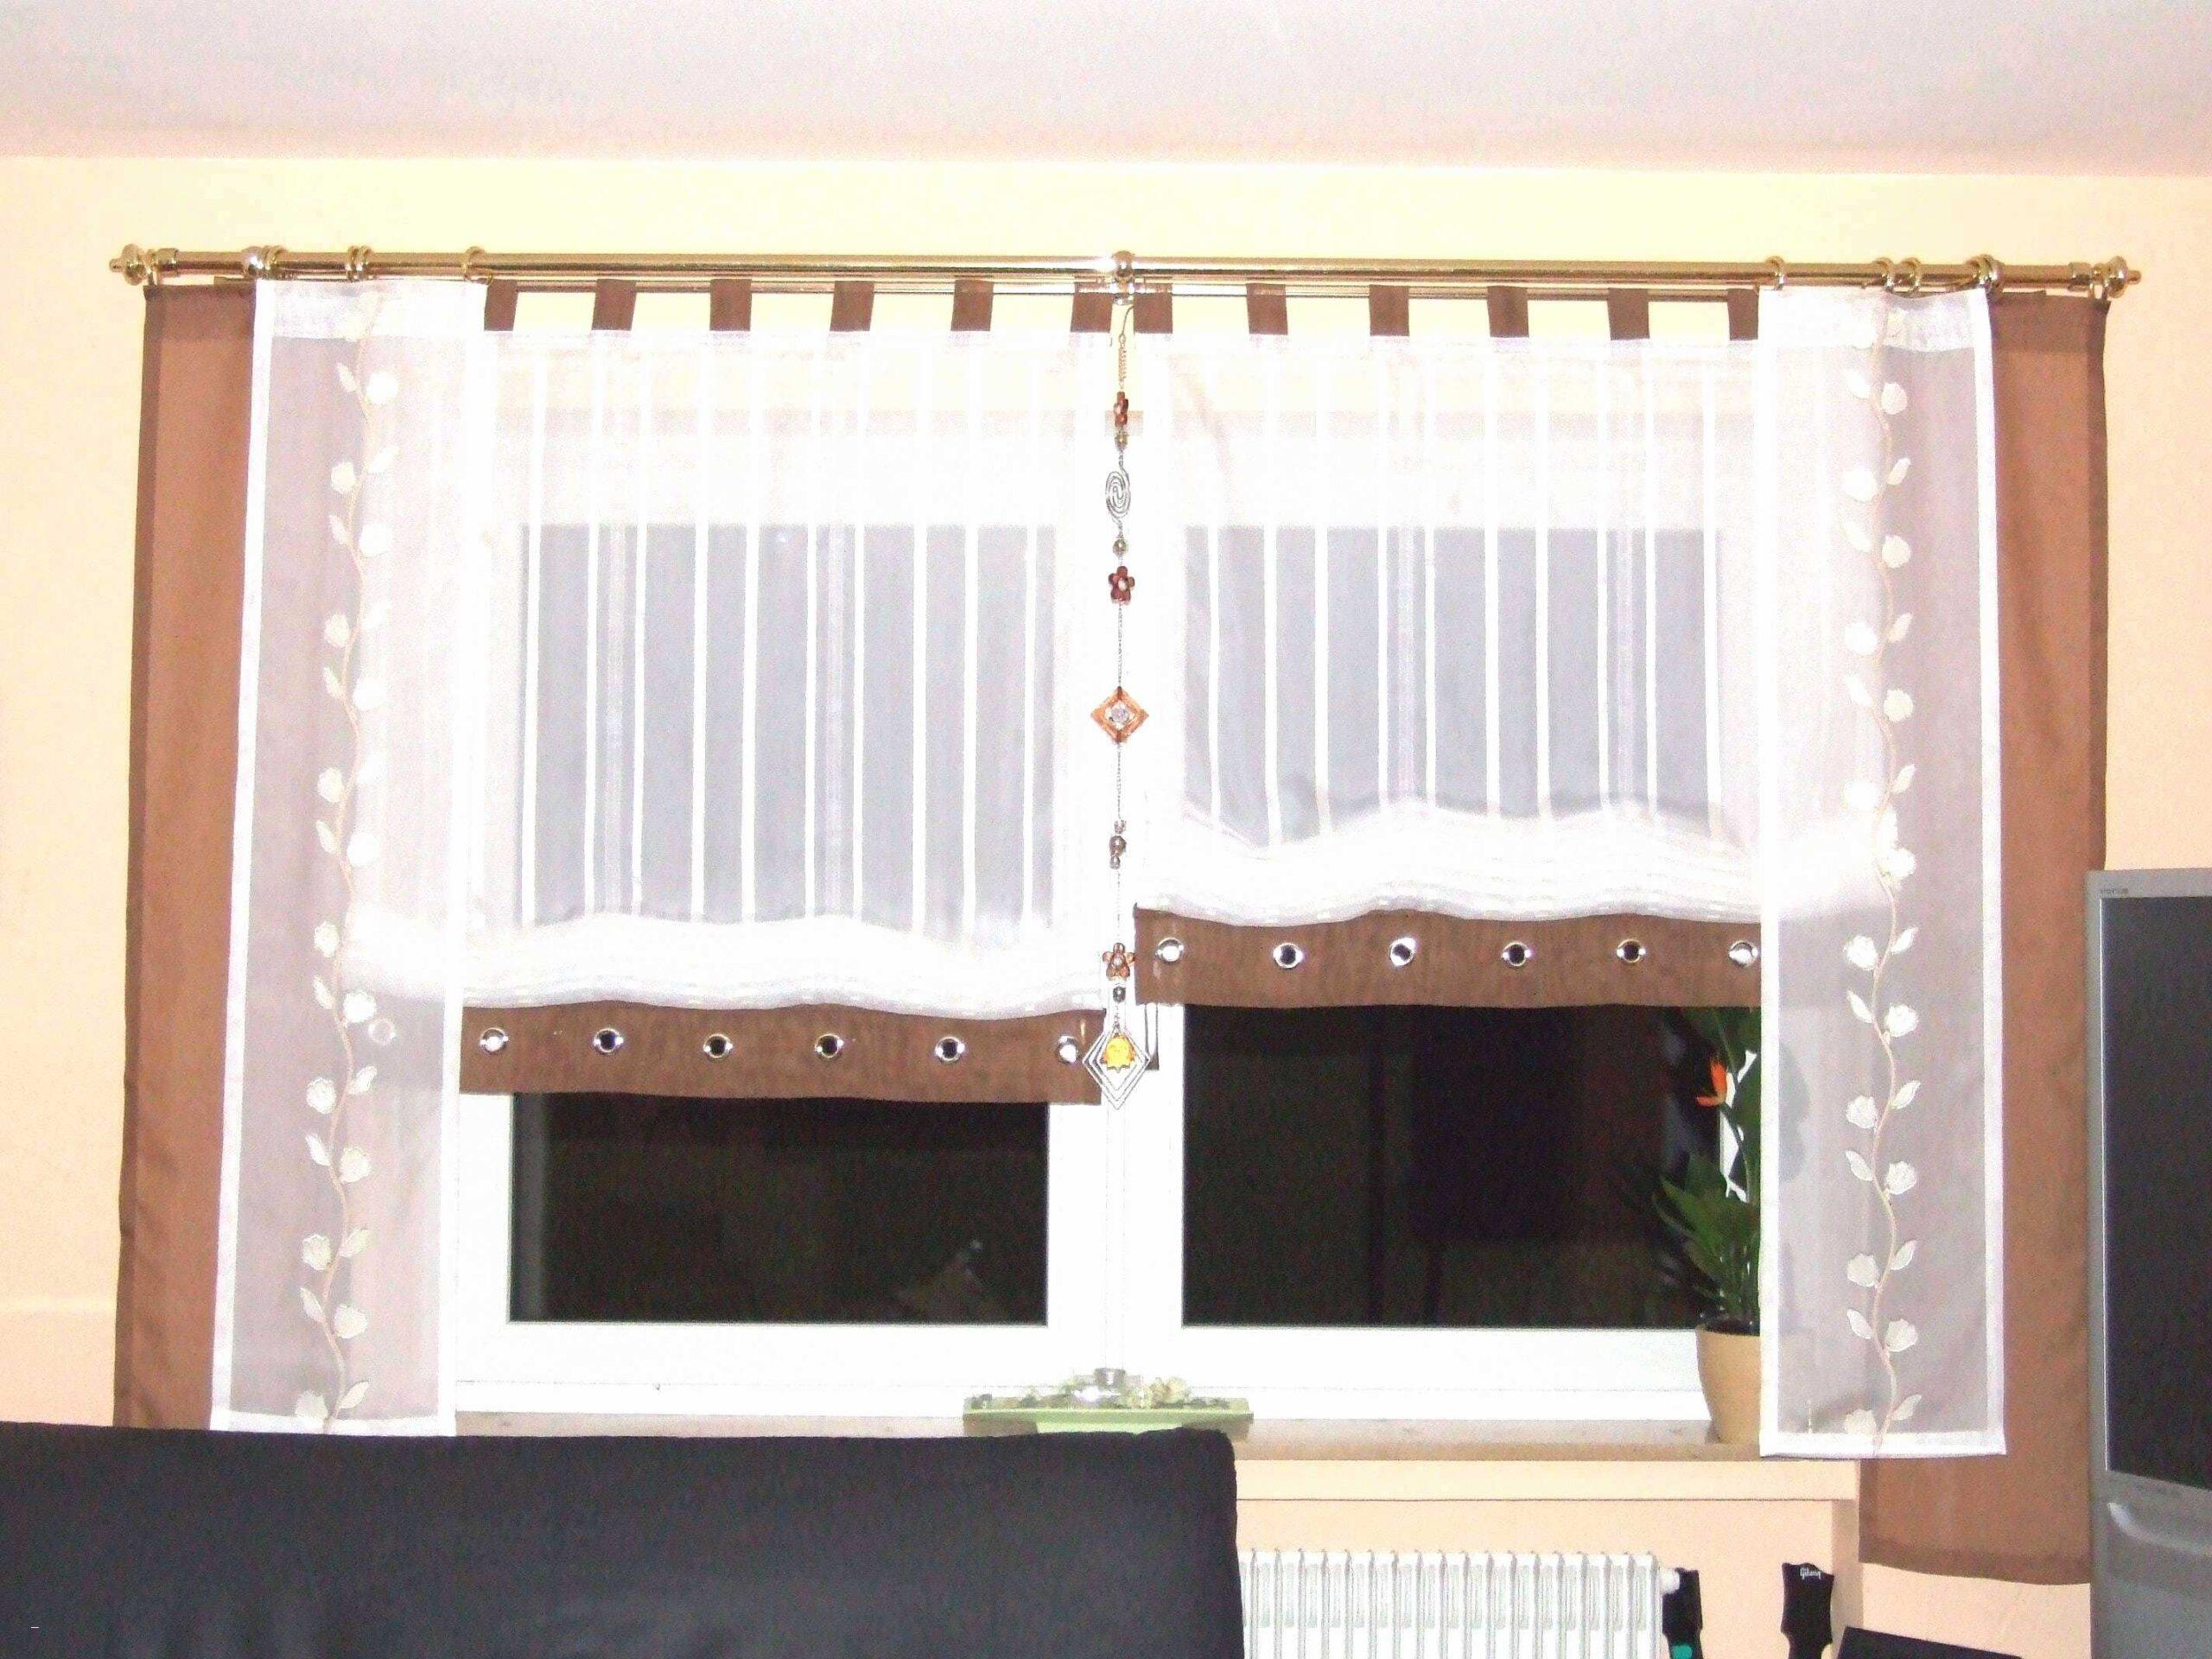 Full Size of Modern Vorhänge 59 Frisch Moderne Wohnzimmer Gardinen Elegant Tolles Küche Bilder Deckenleuchte Schlafzimmer Deckenlampen Esstische Modernes Bett 180x200 Wohnzimmer Modern Vorhänge